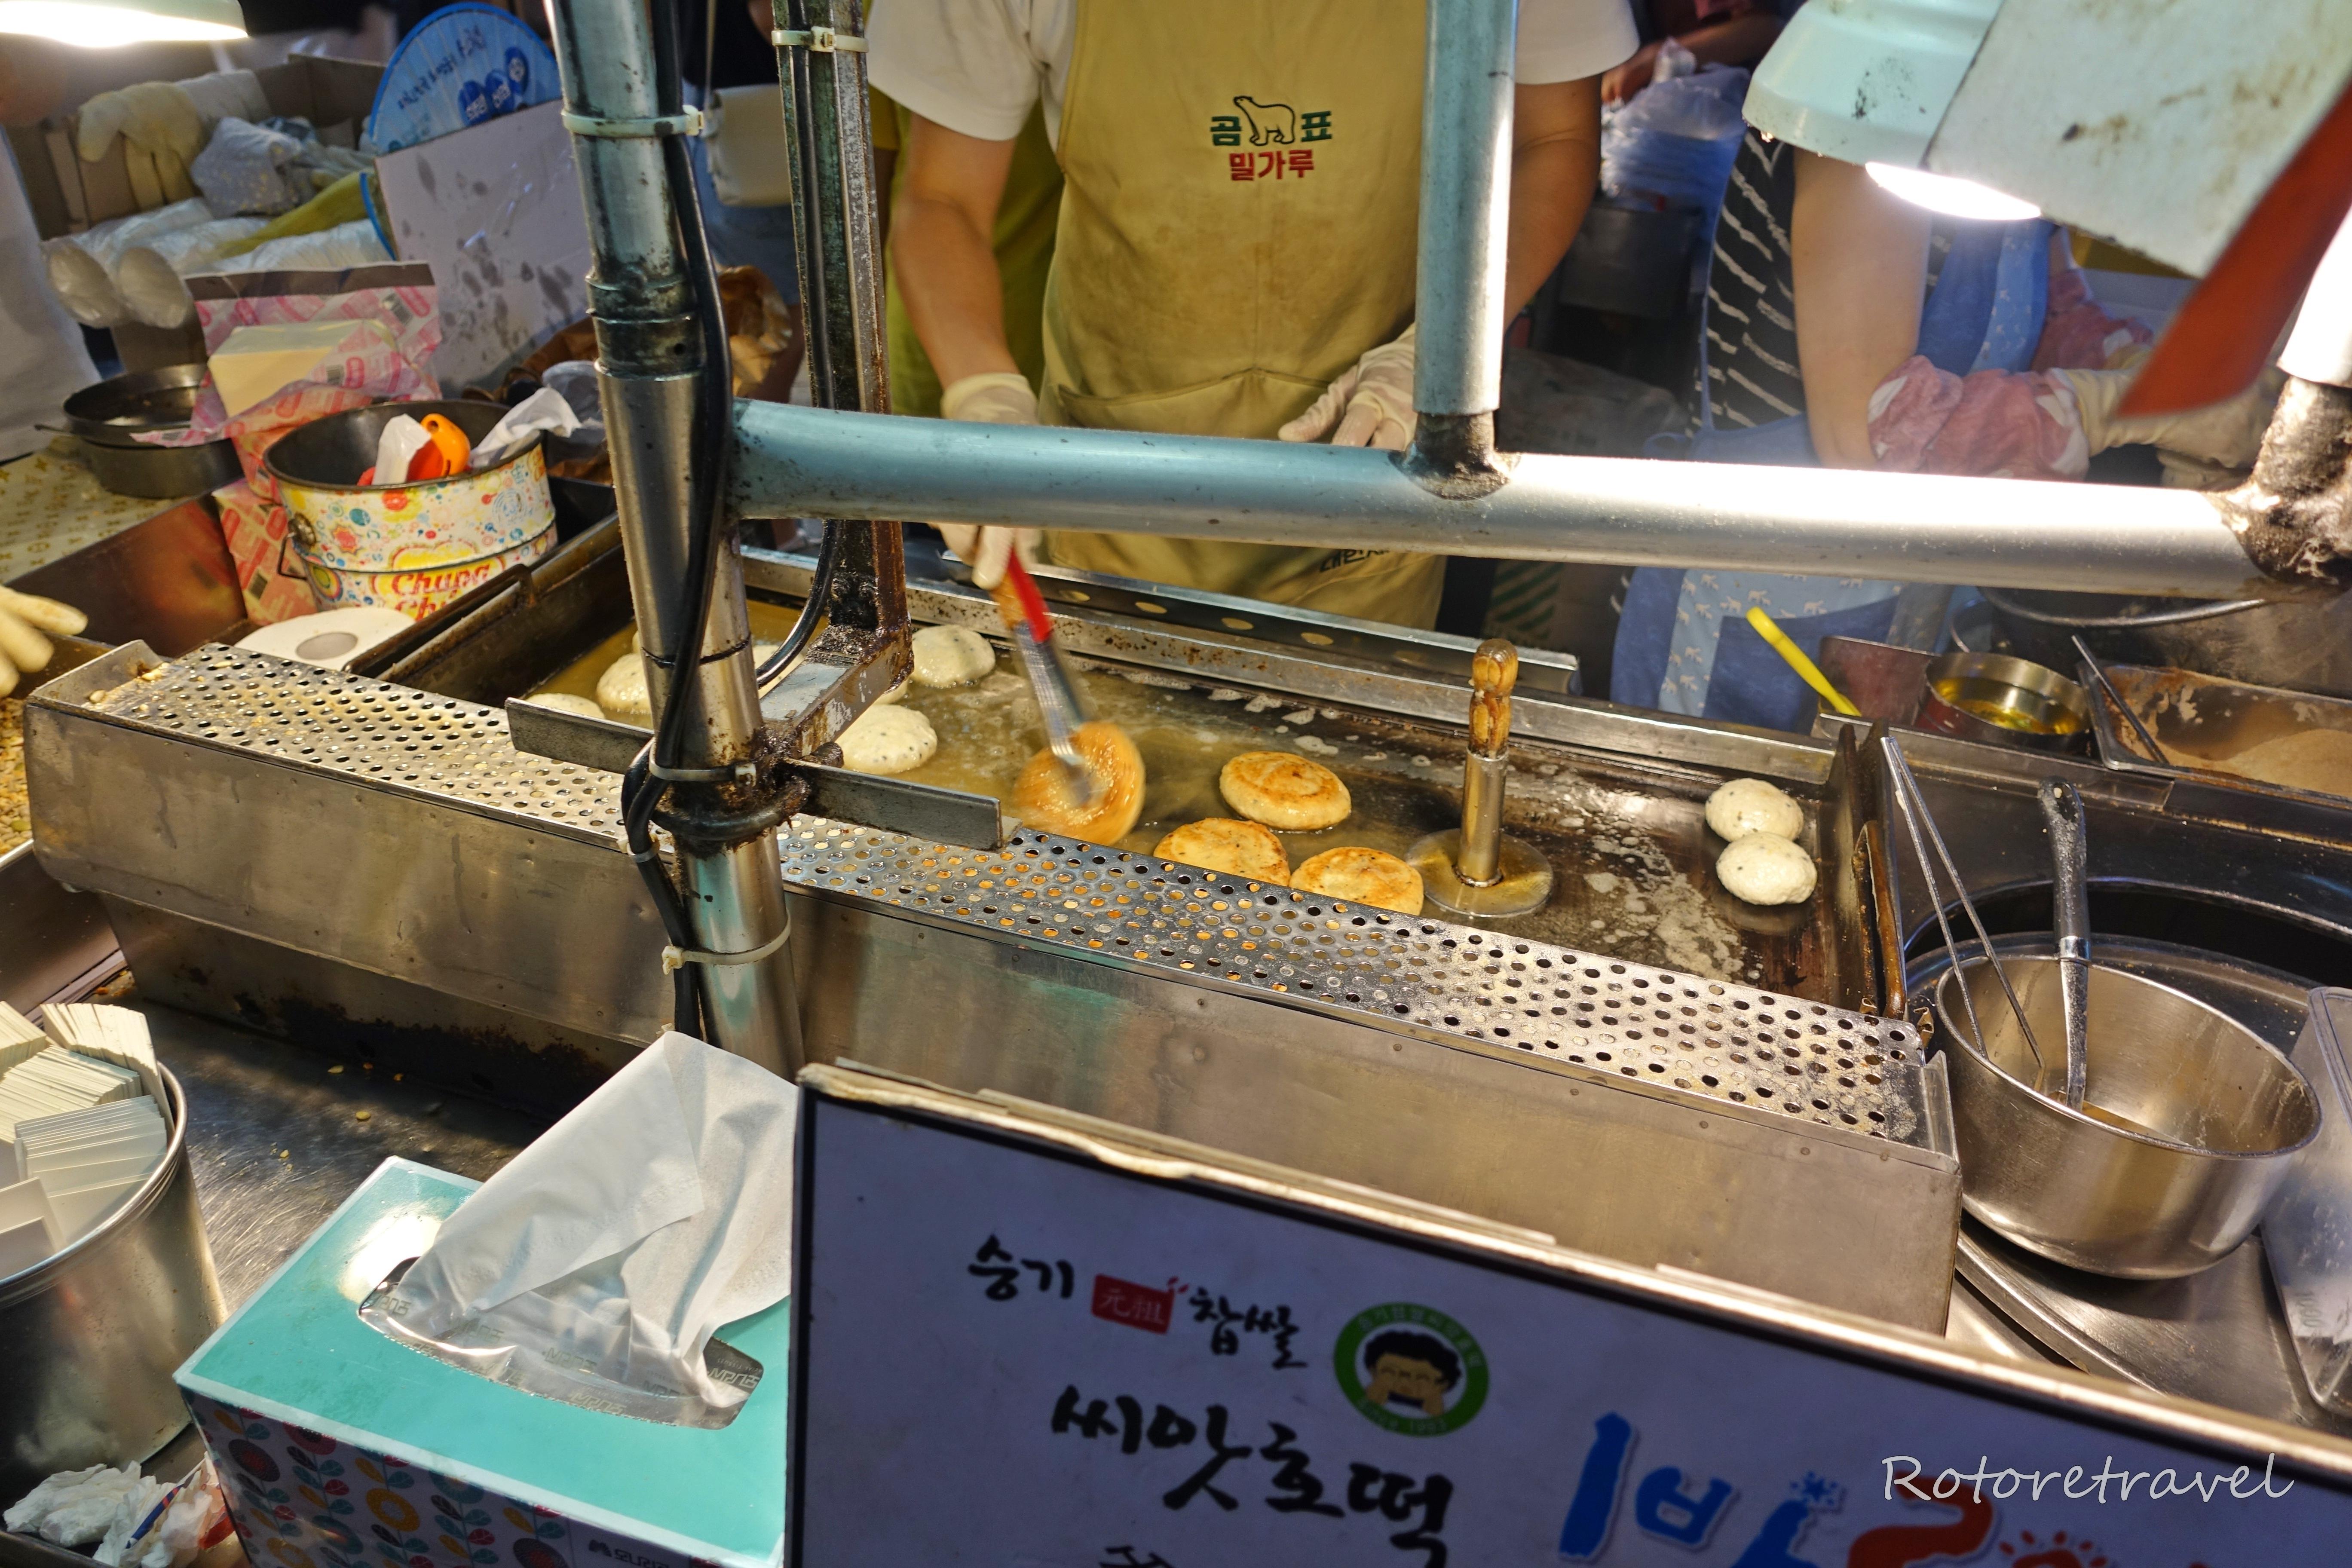 【韓国・釜山】業務連絡!BIFF広場にホットク屋台が増えている模様、至急現場に集合(